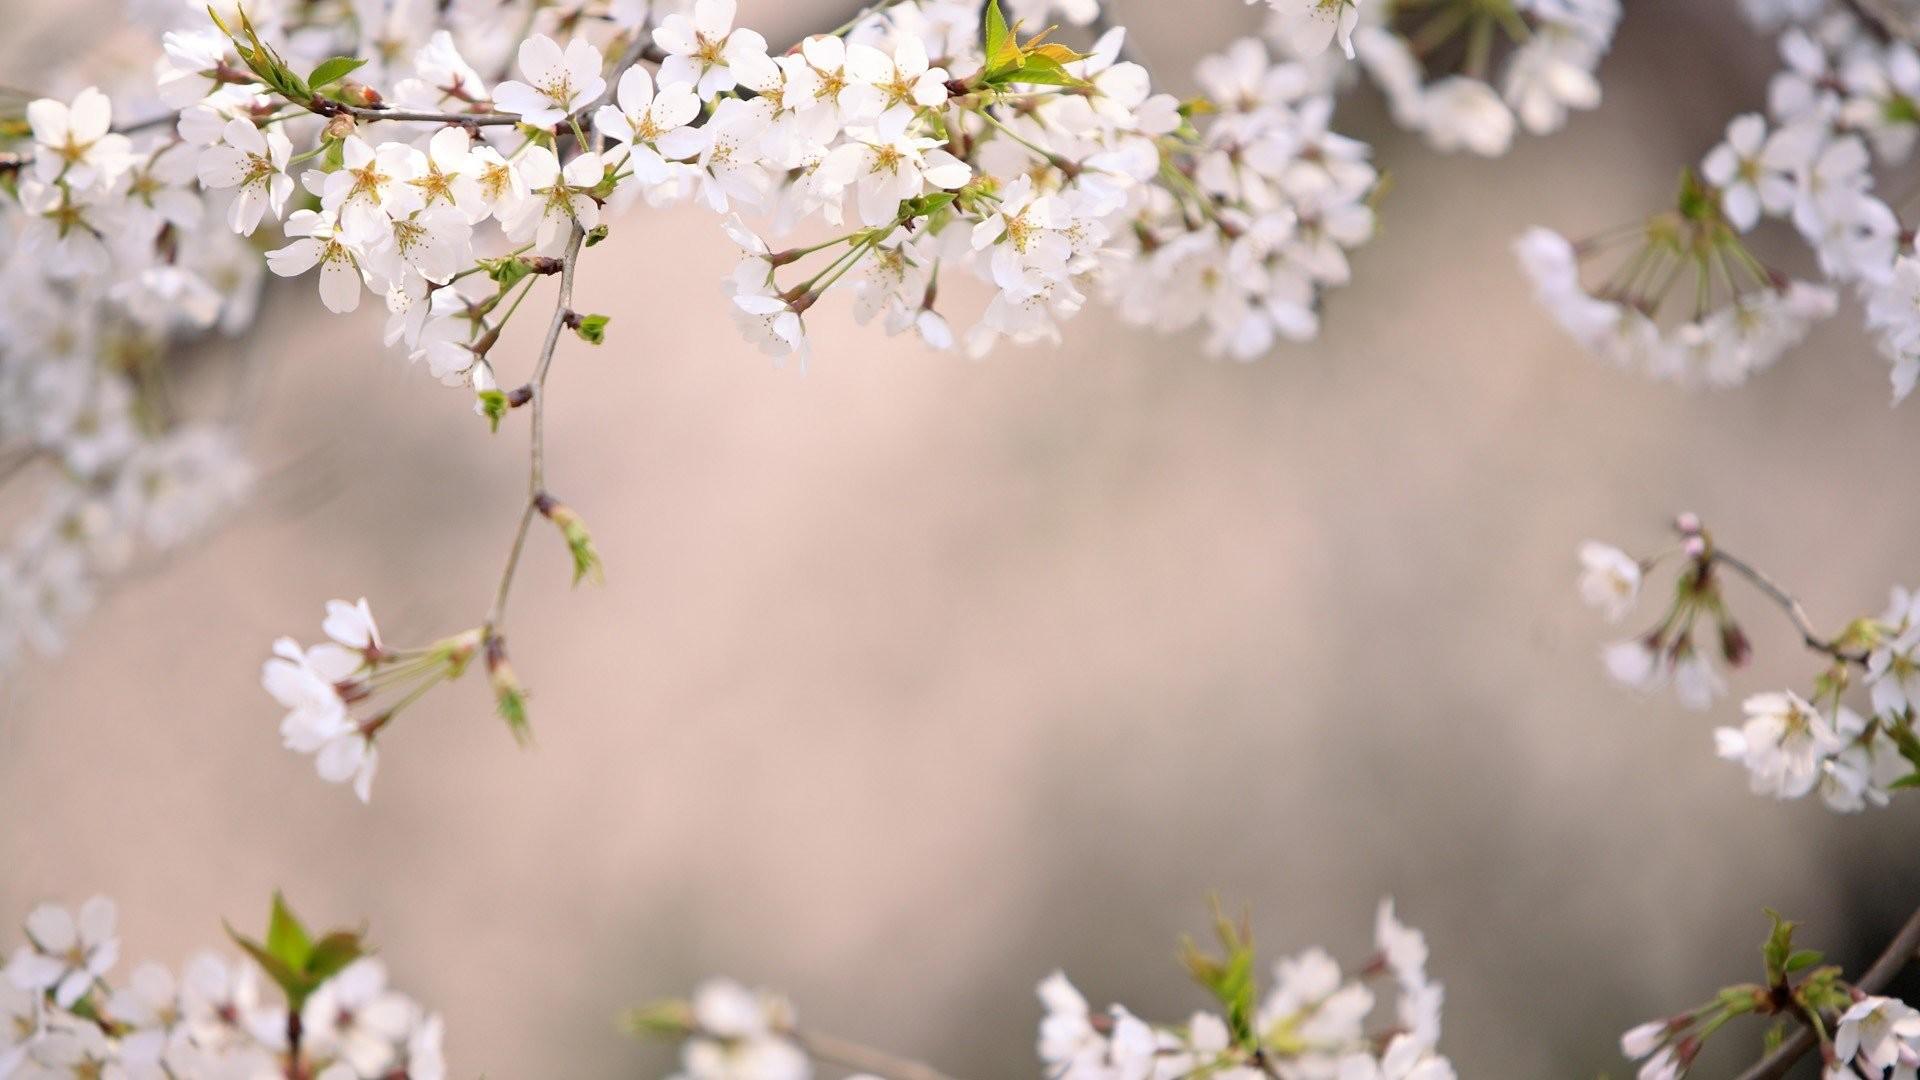 Japan cherry blossoms Tokyo wallpaper | | 324133 | WallpaperUP